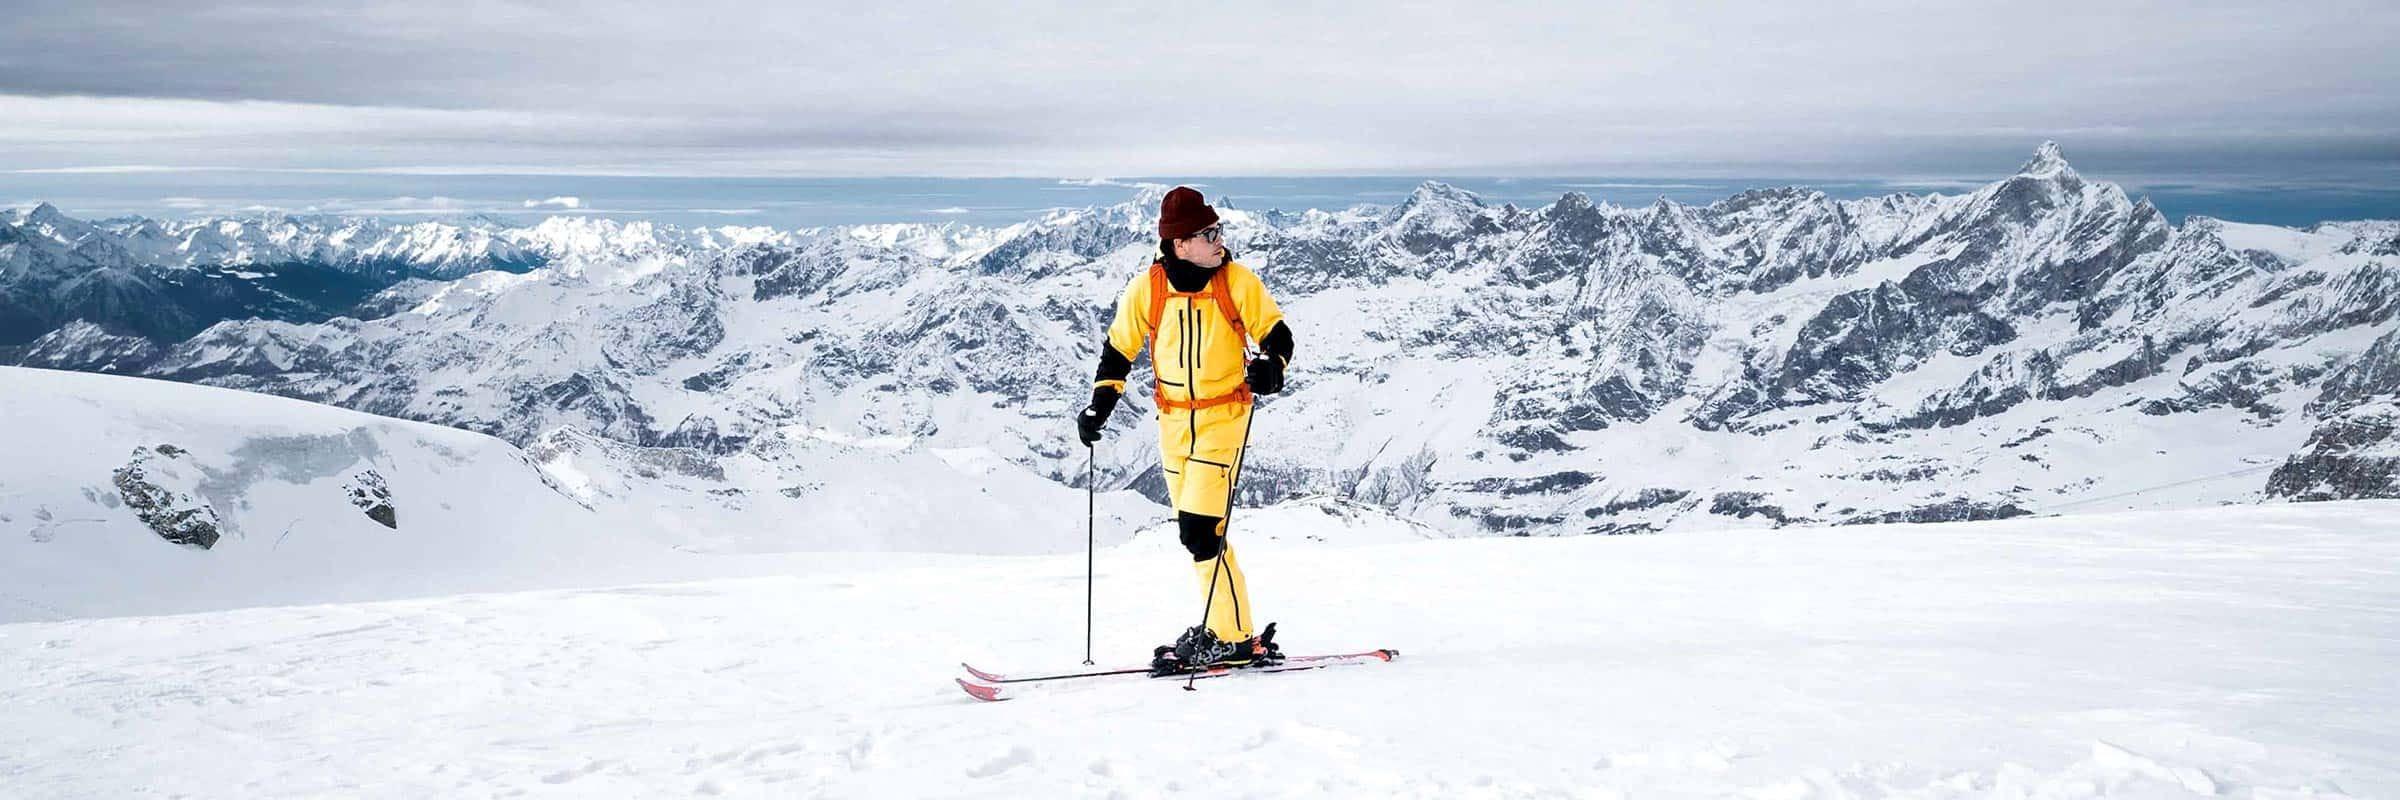 Futurelight, The North Face. Le futur est maintenant: La matière révolutionnaire de The North Face mise à l'essai à Zermatt